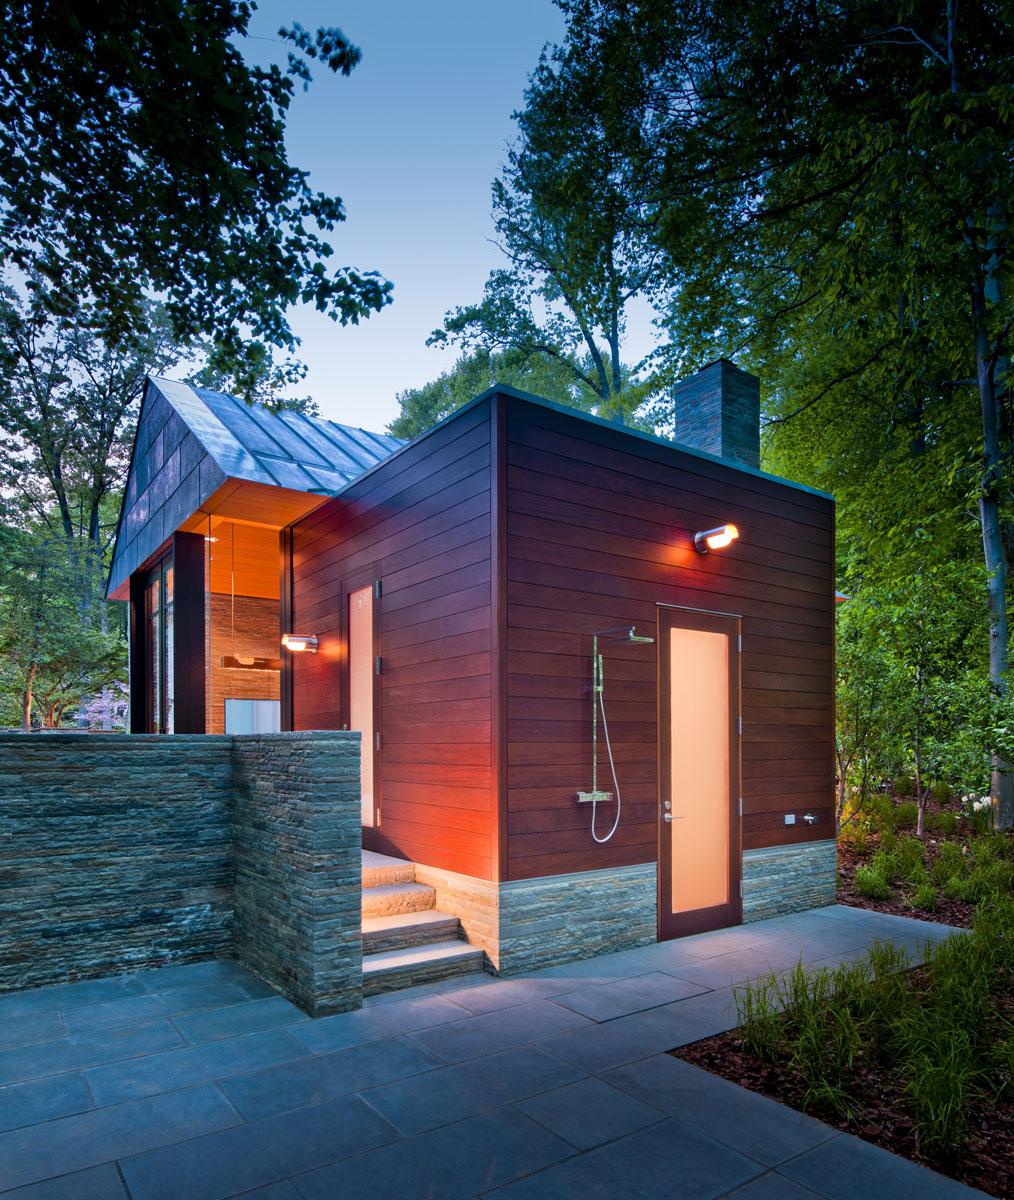 Баня с беседкой: проекты под одной крышей. 120 фото примеров и идеи красивого обустройства бани